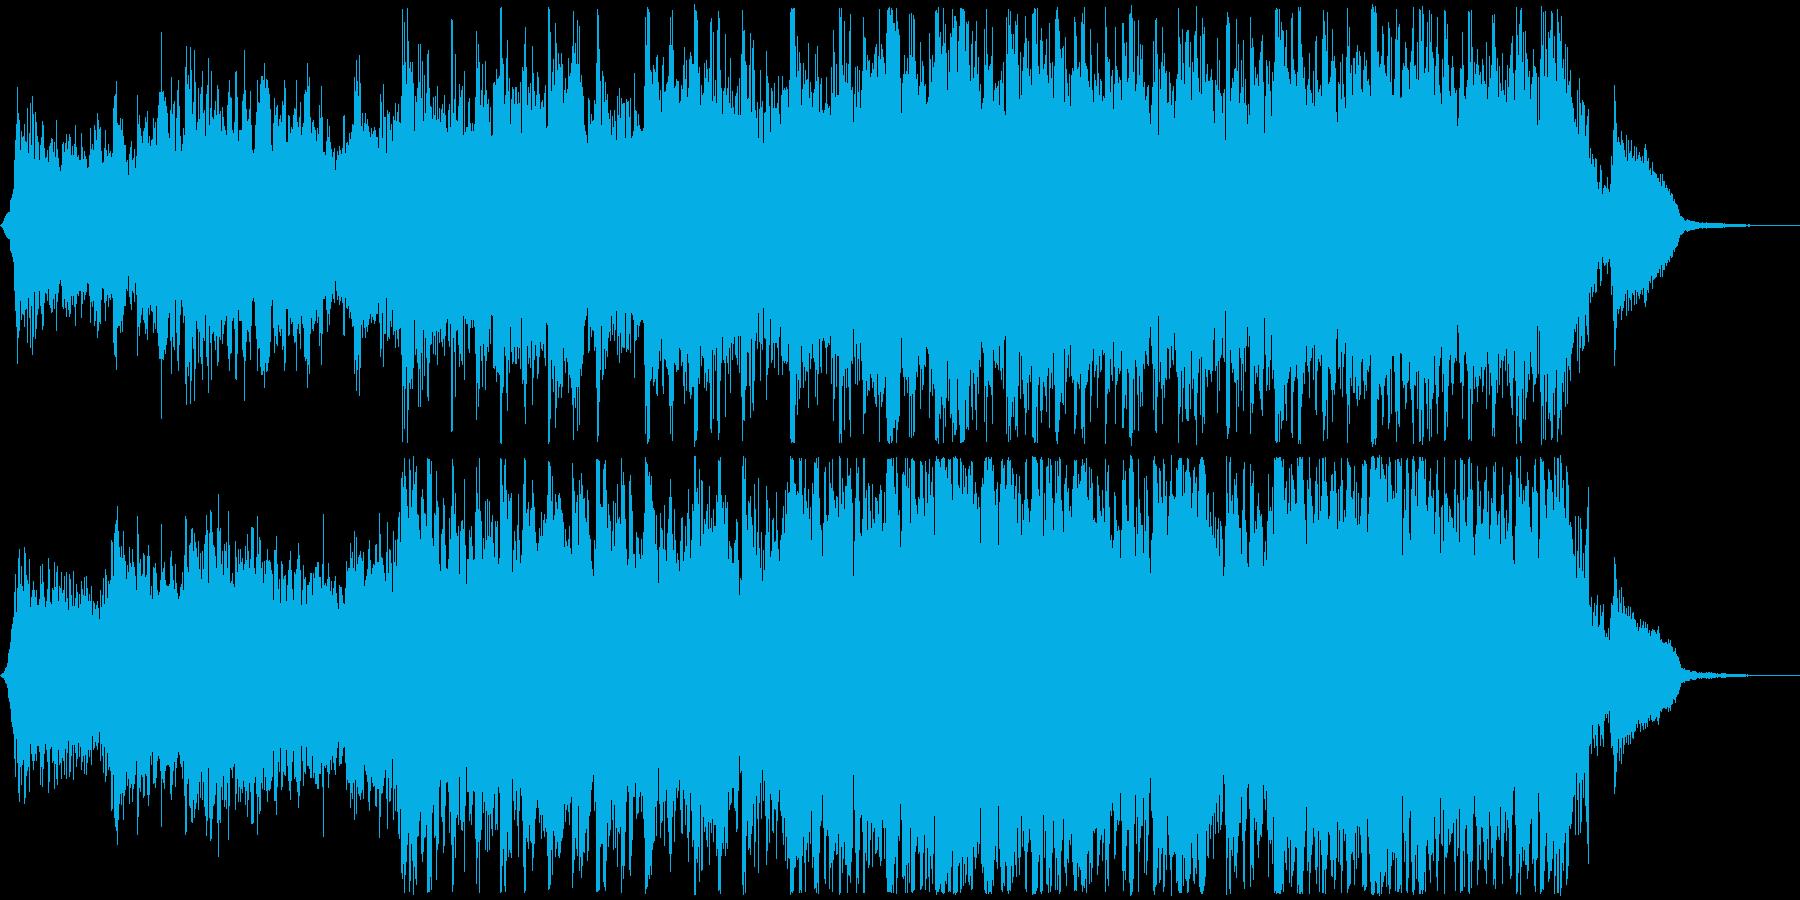 月光のようなピアノのシネマティック60秒の再生済みの波形